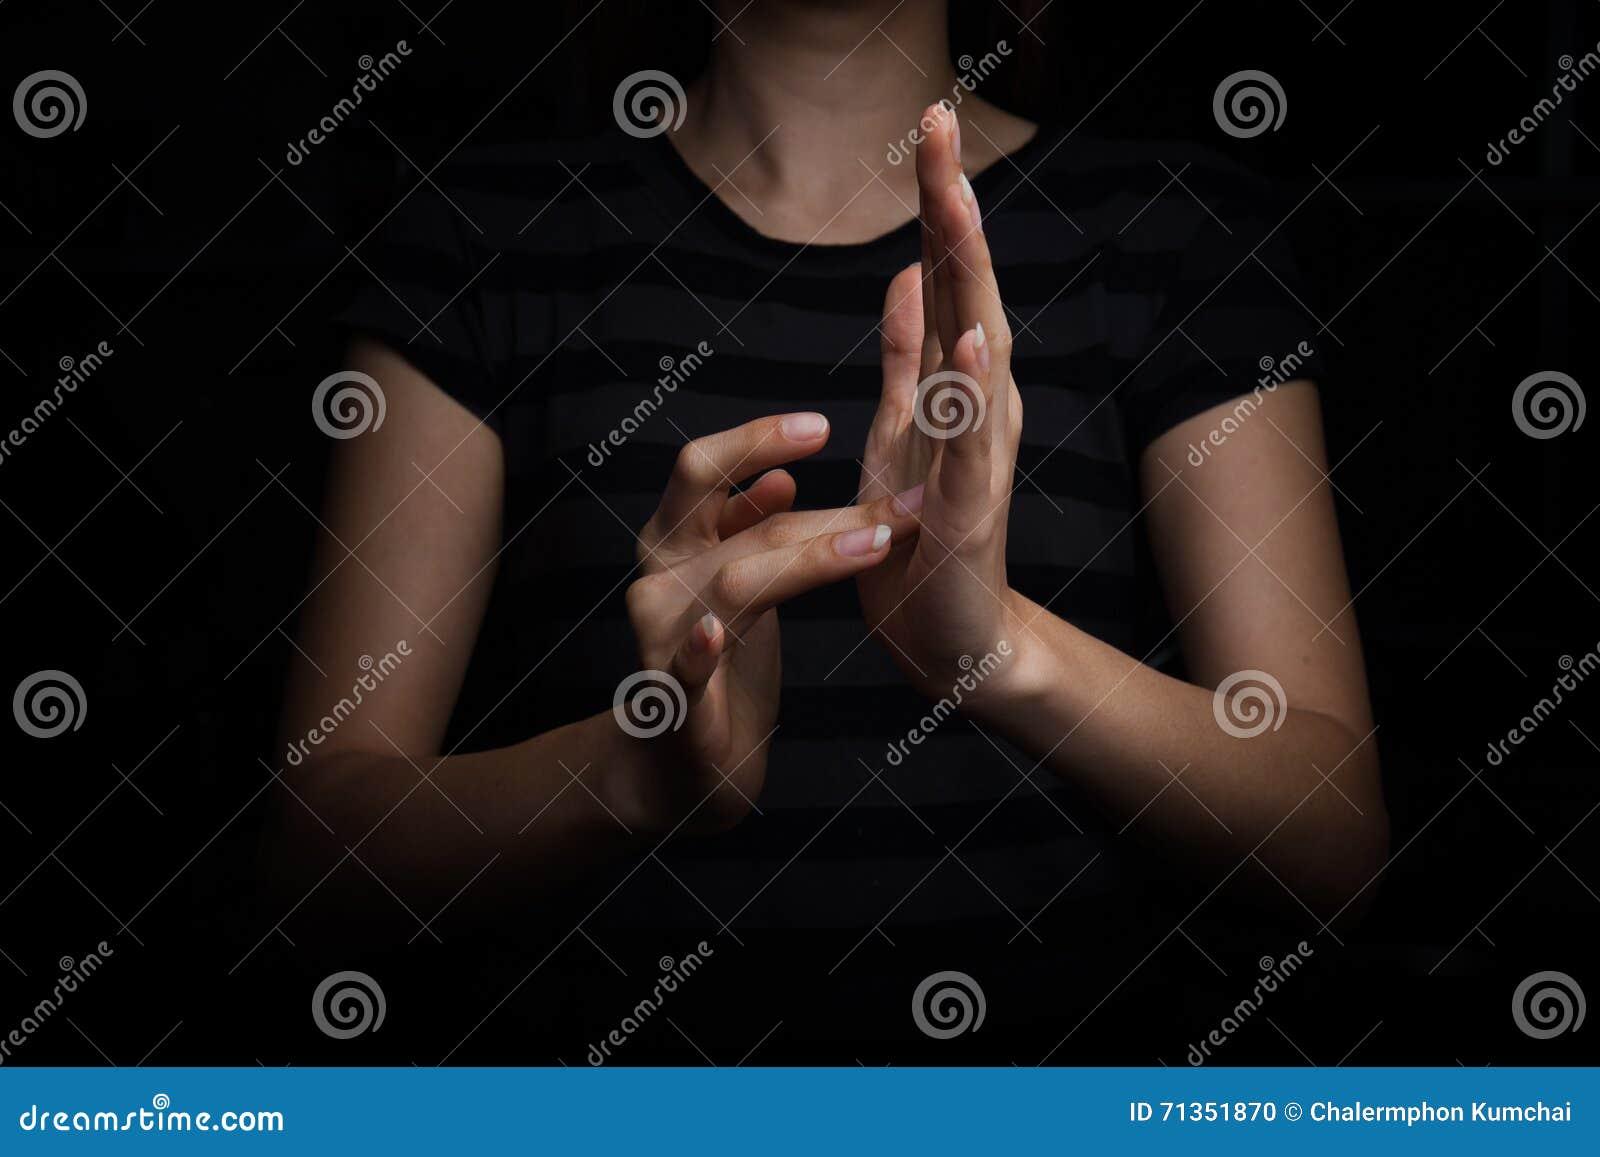 耶稣聋的手势语